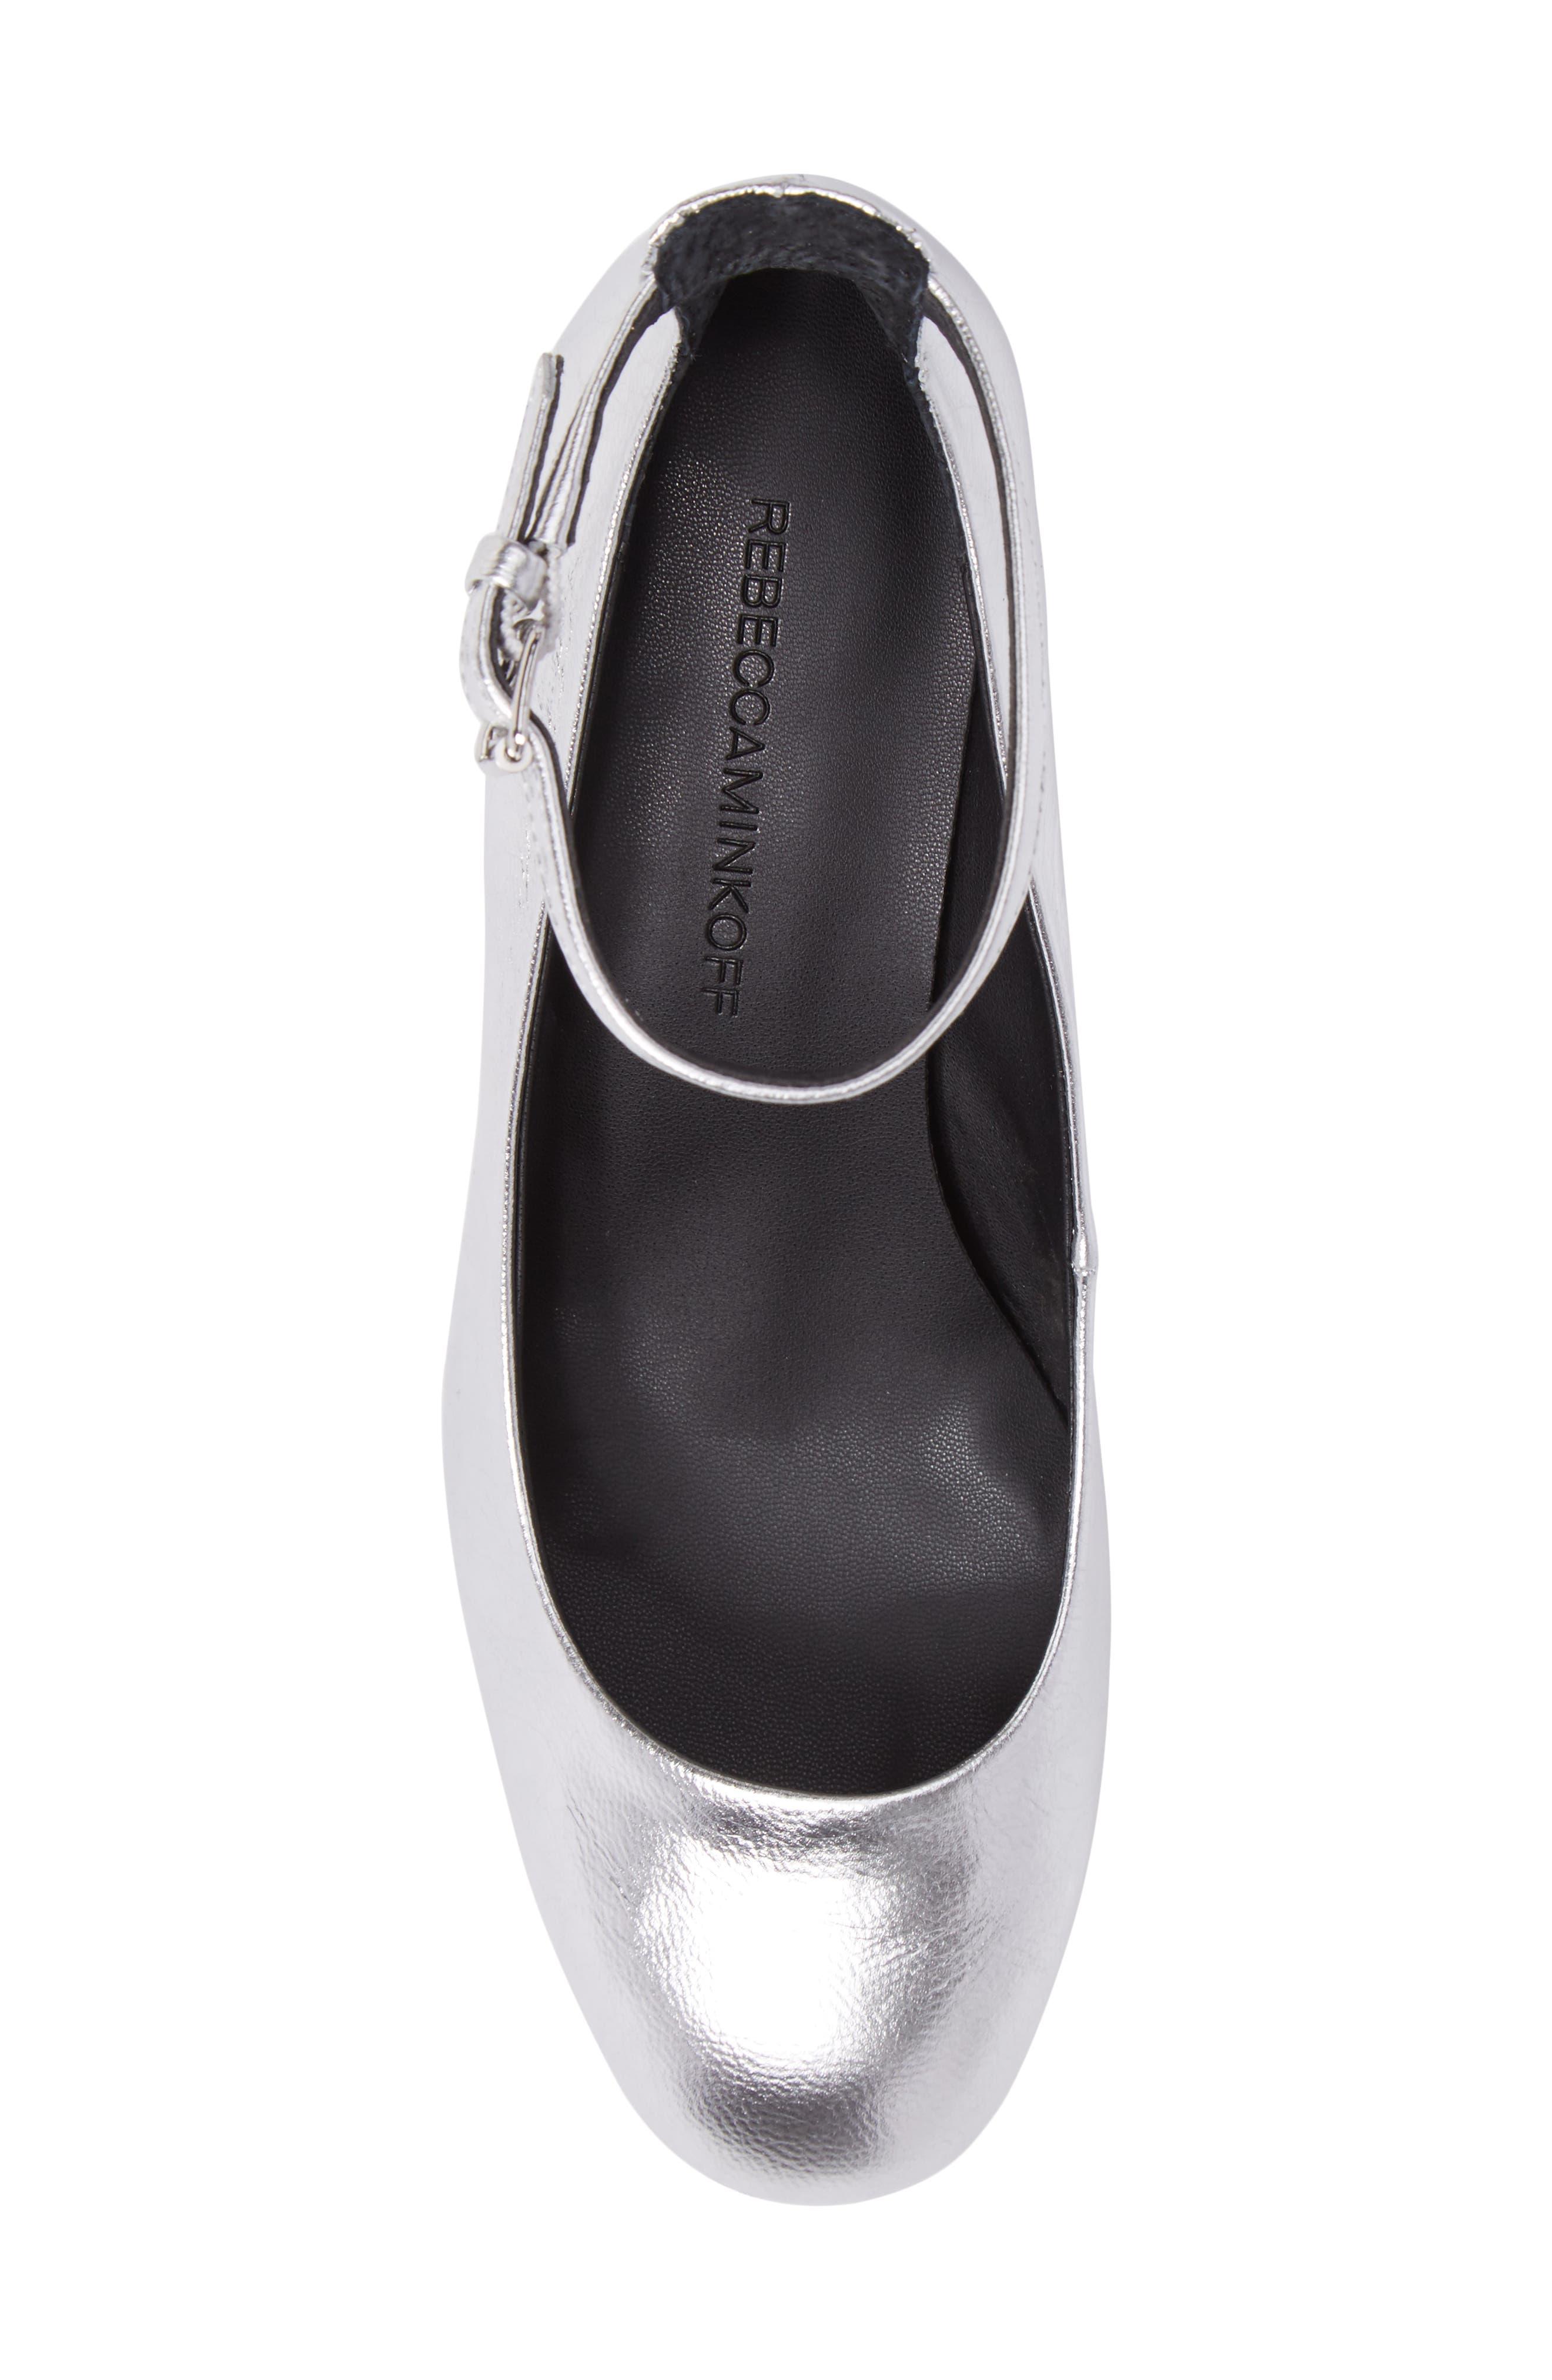 Bridget Ankle Strap Pump,                             Alternate thumbnail 5, color,                             Silver Leather